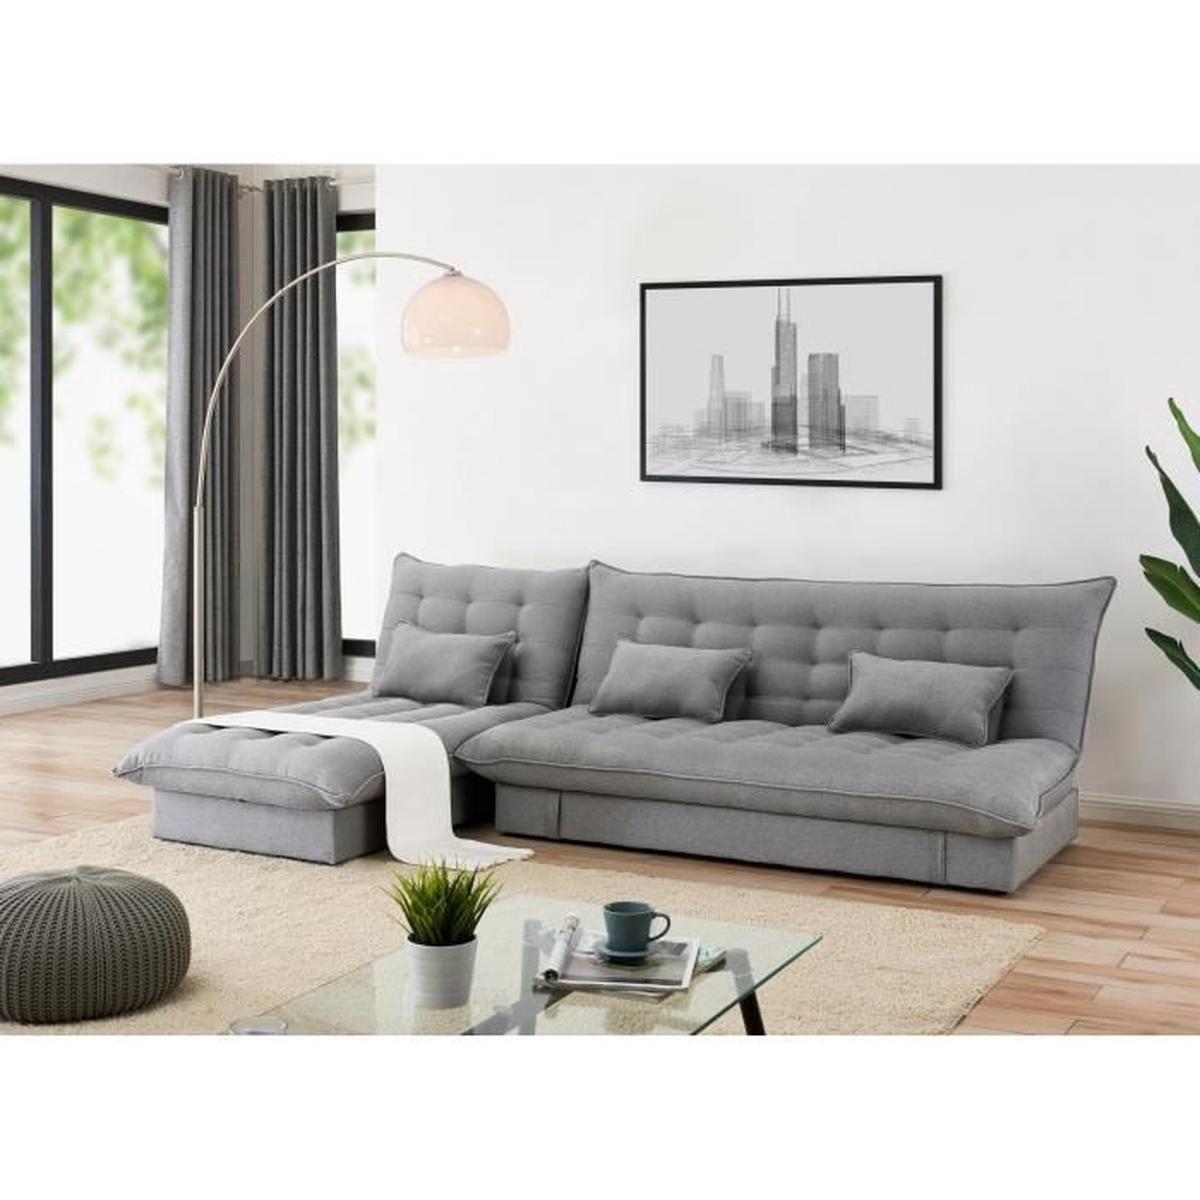 Reupholster Furniture Repurposed Furniture Used Furniture Ideas Transforming Furniture Bes Canape Angle Convertible Canape Angle Canape Panoramique Convertible